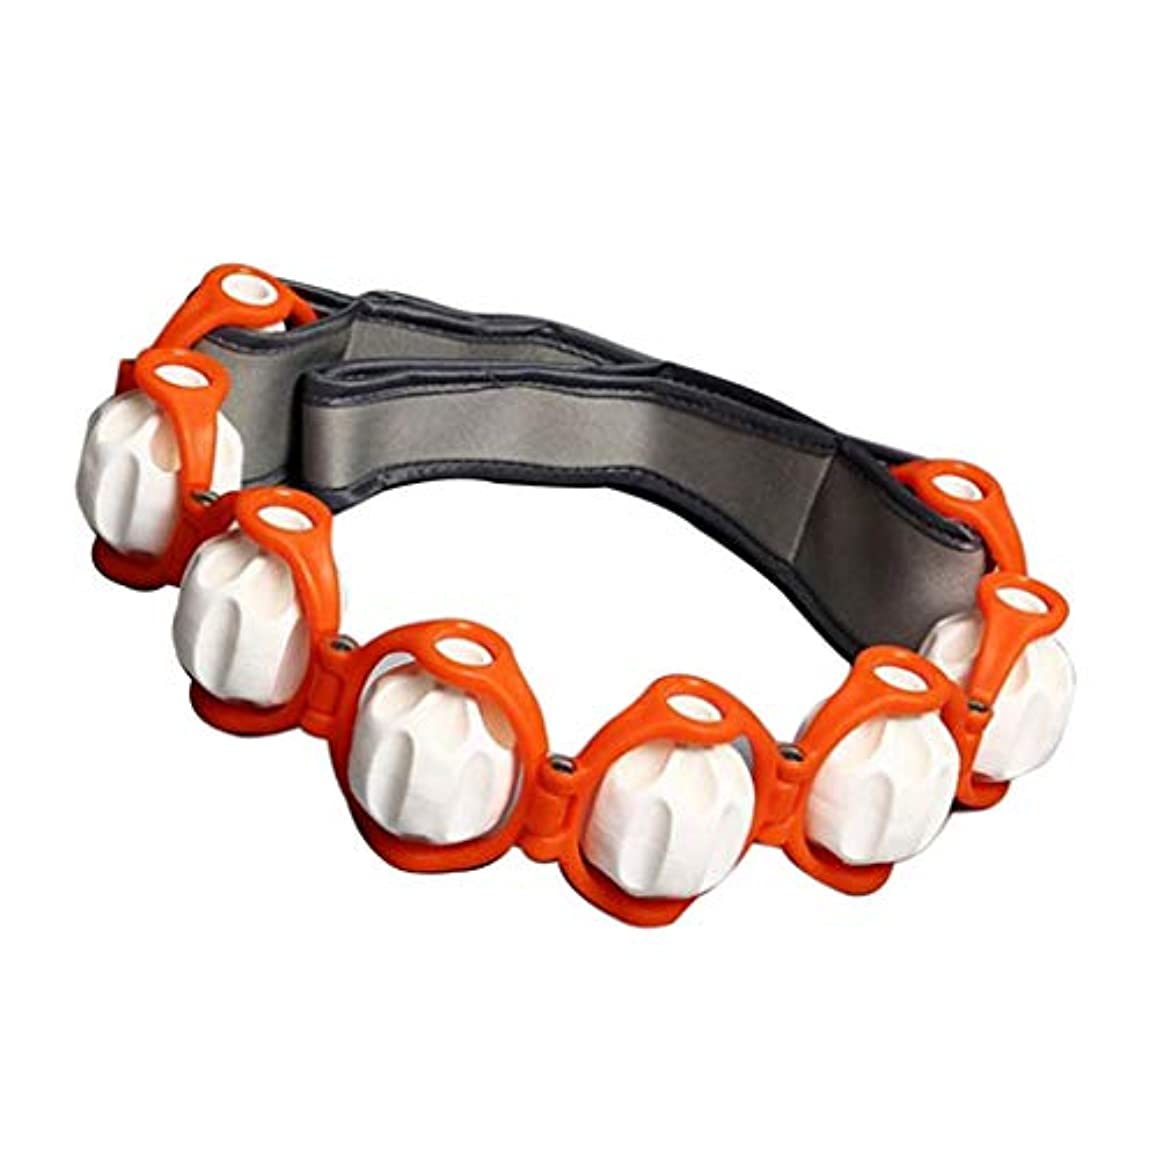 評価テレックス見習いマッサージローラー トリガーポイント 筋膜リリース 筋肉マッサージ マッサージツール4色選べ - オレンジ